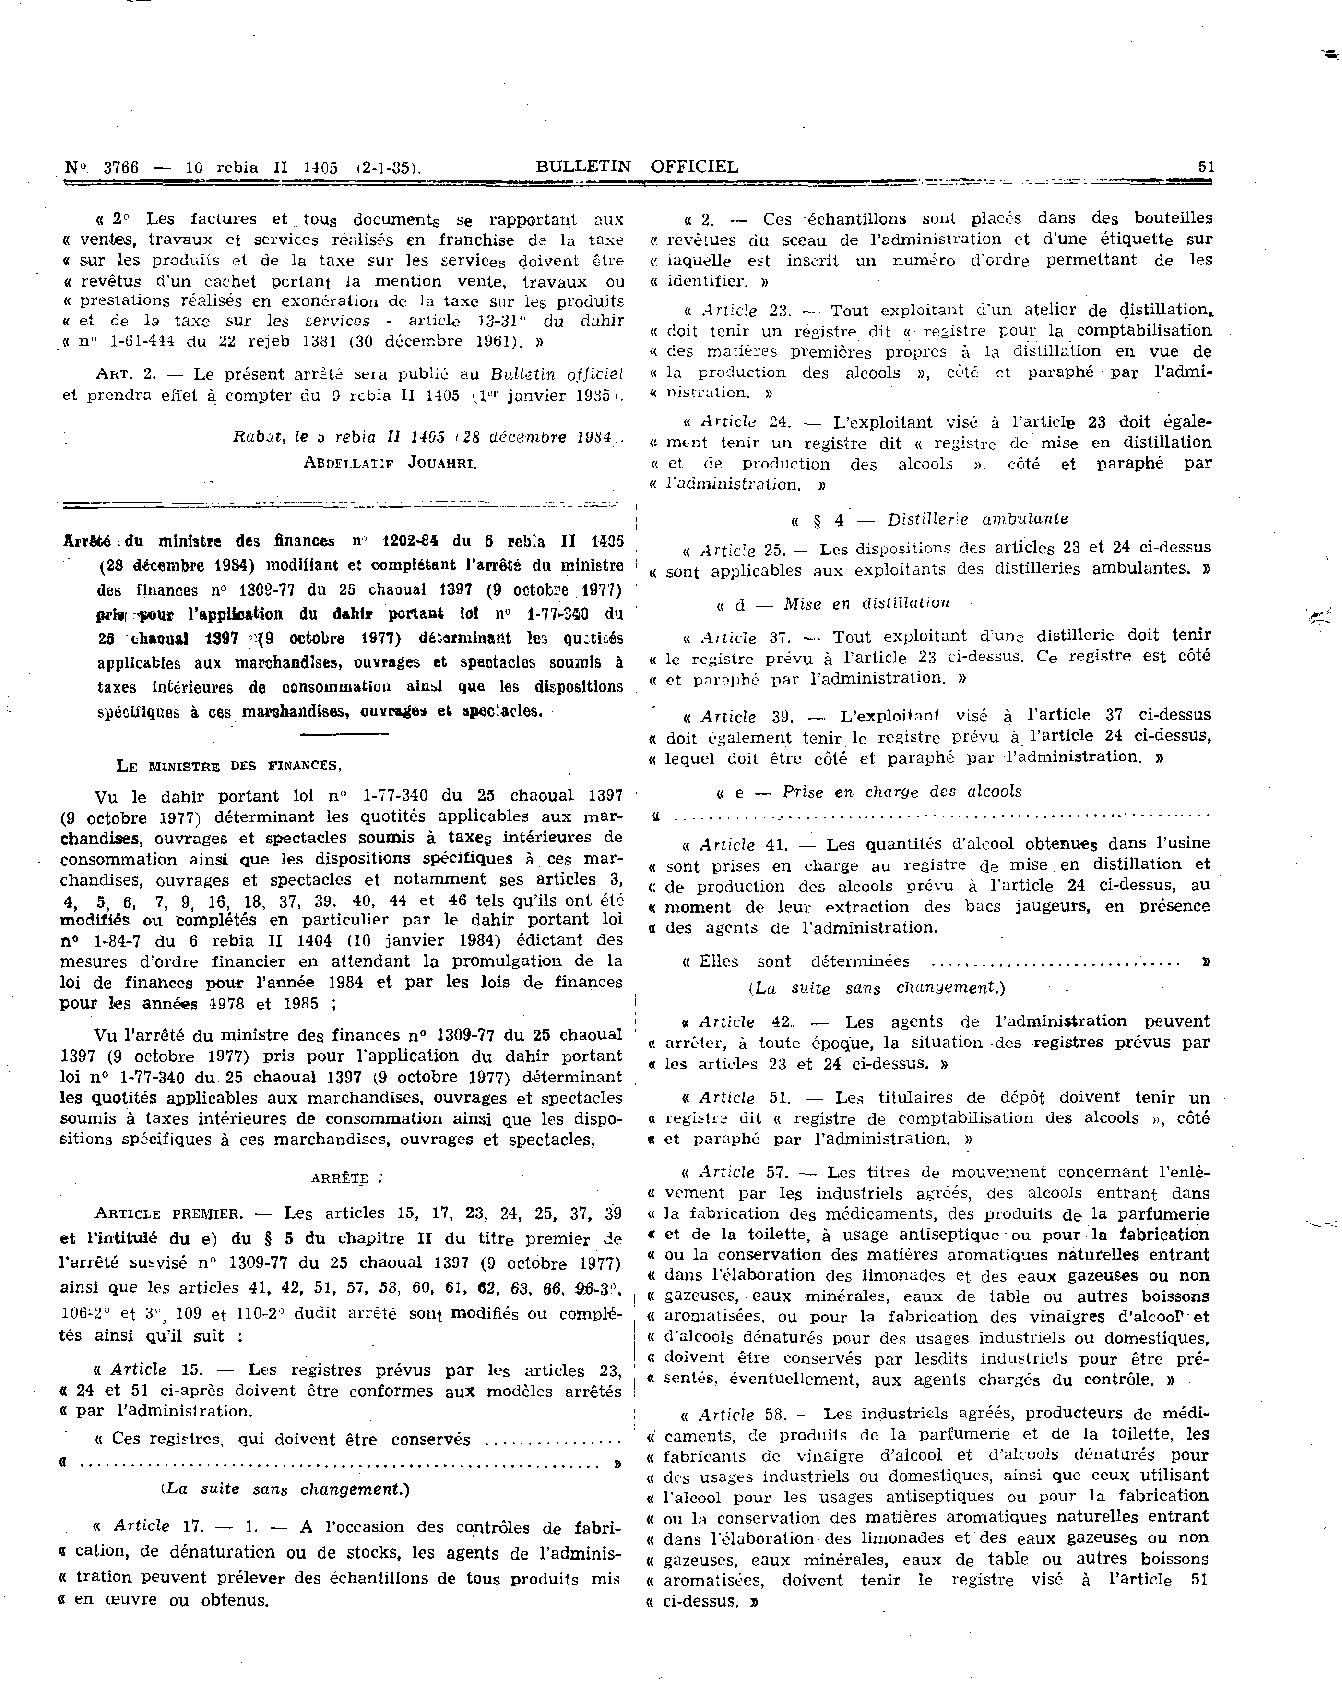 les-prix-maxima-des-acte-et-service-medicaux-dans-le-secteur-prive-051